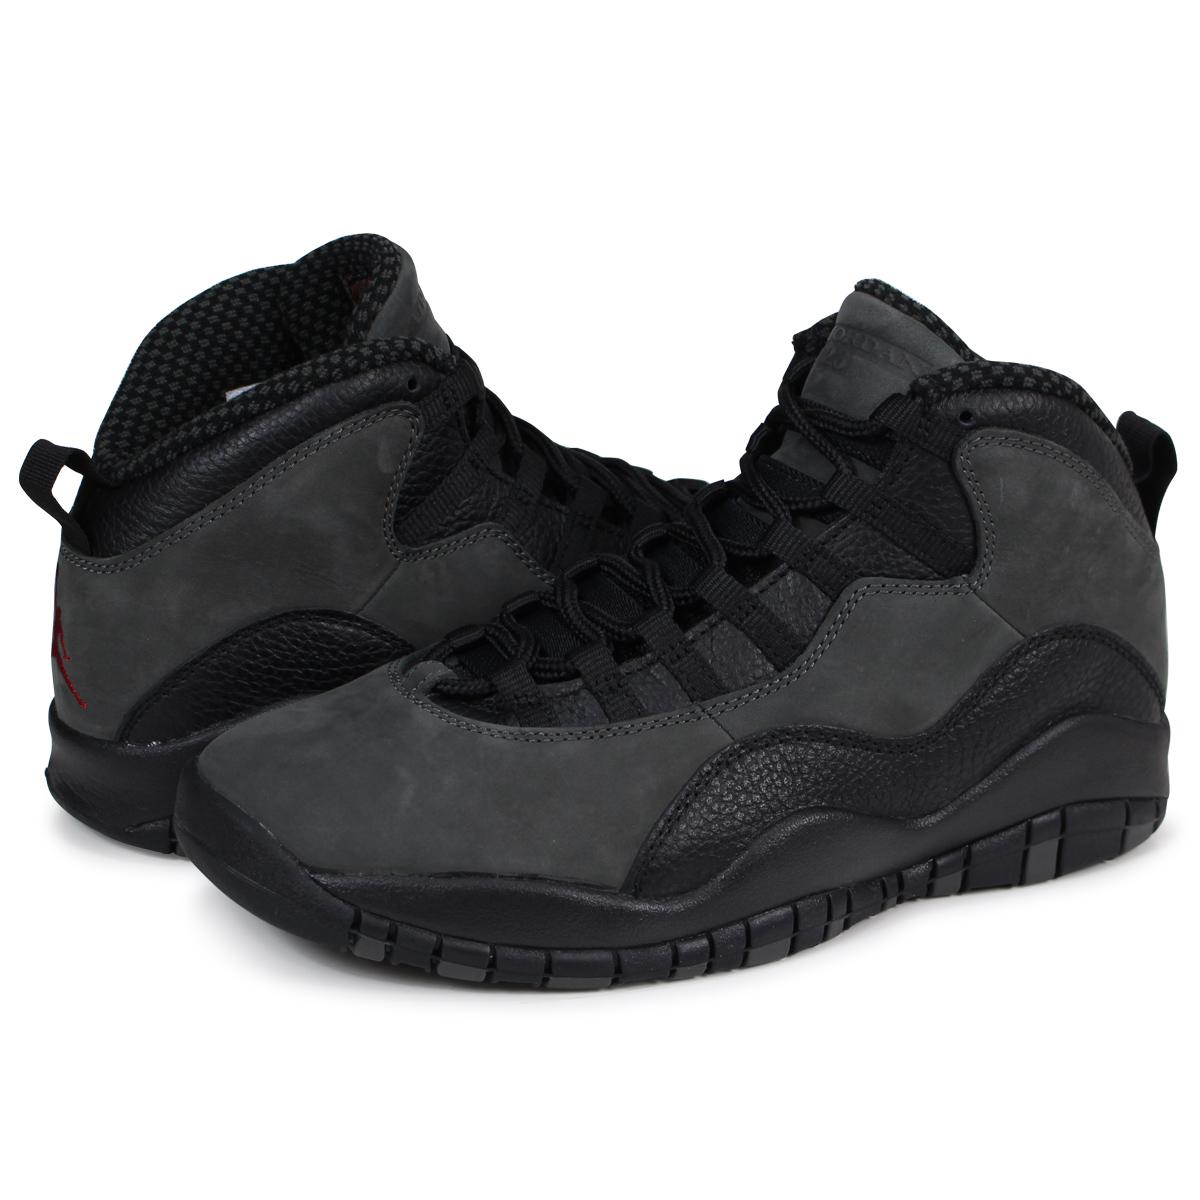 promo code f630d 97389 Nike NIKE Air Jordan 10 nostalgic sneakers men AIR JORDAN 10 RETRO  310,805-002 gray